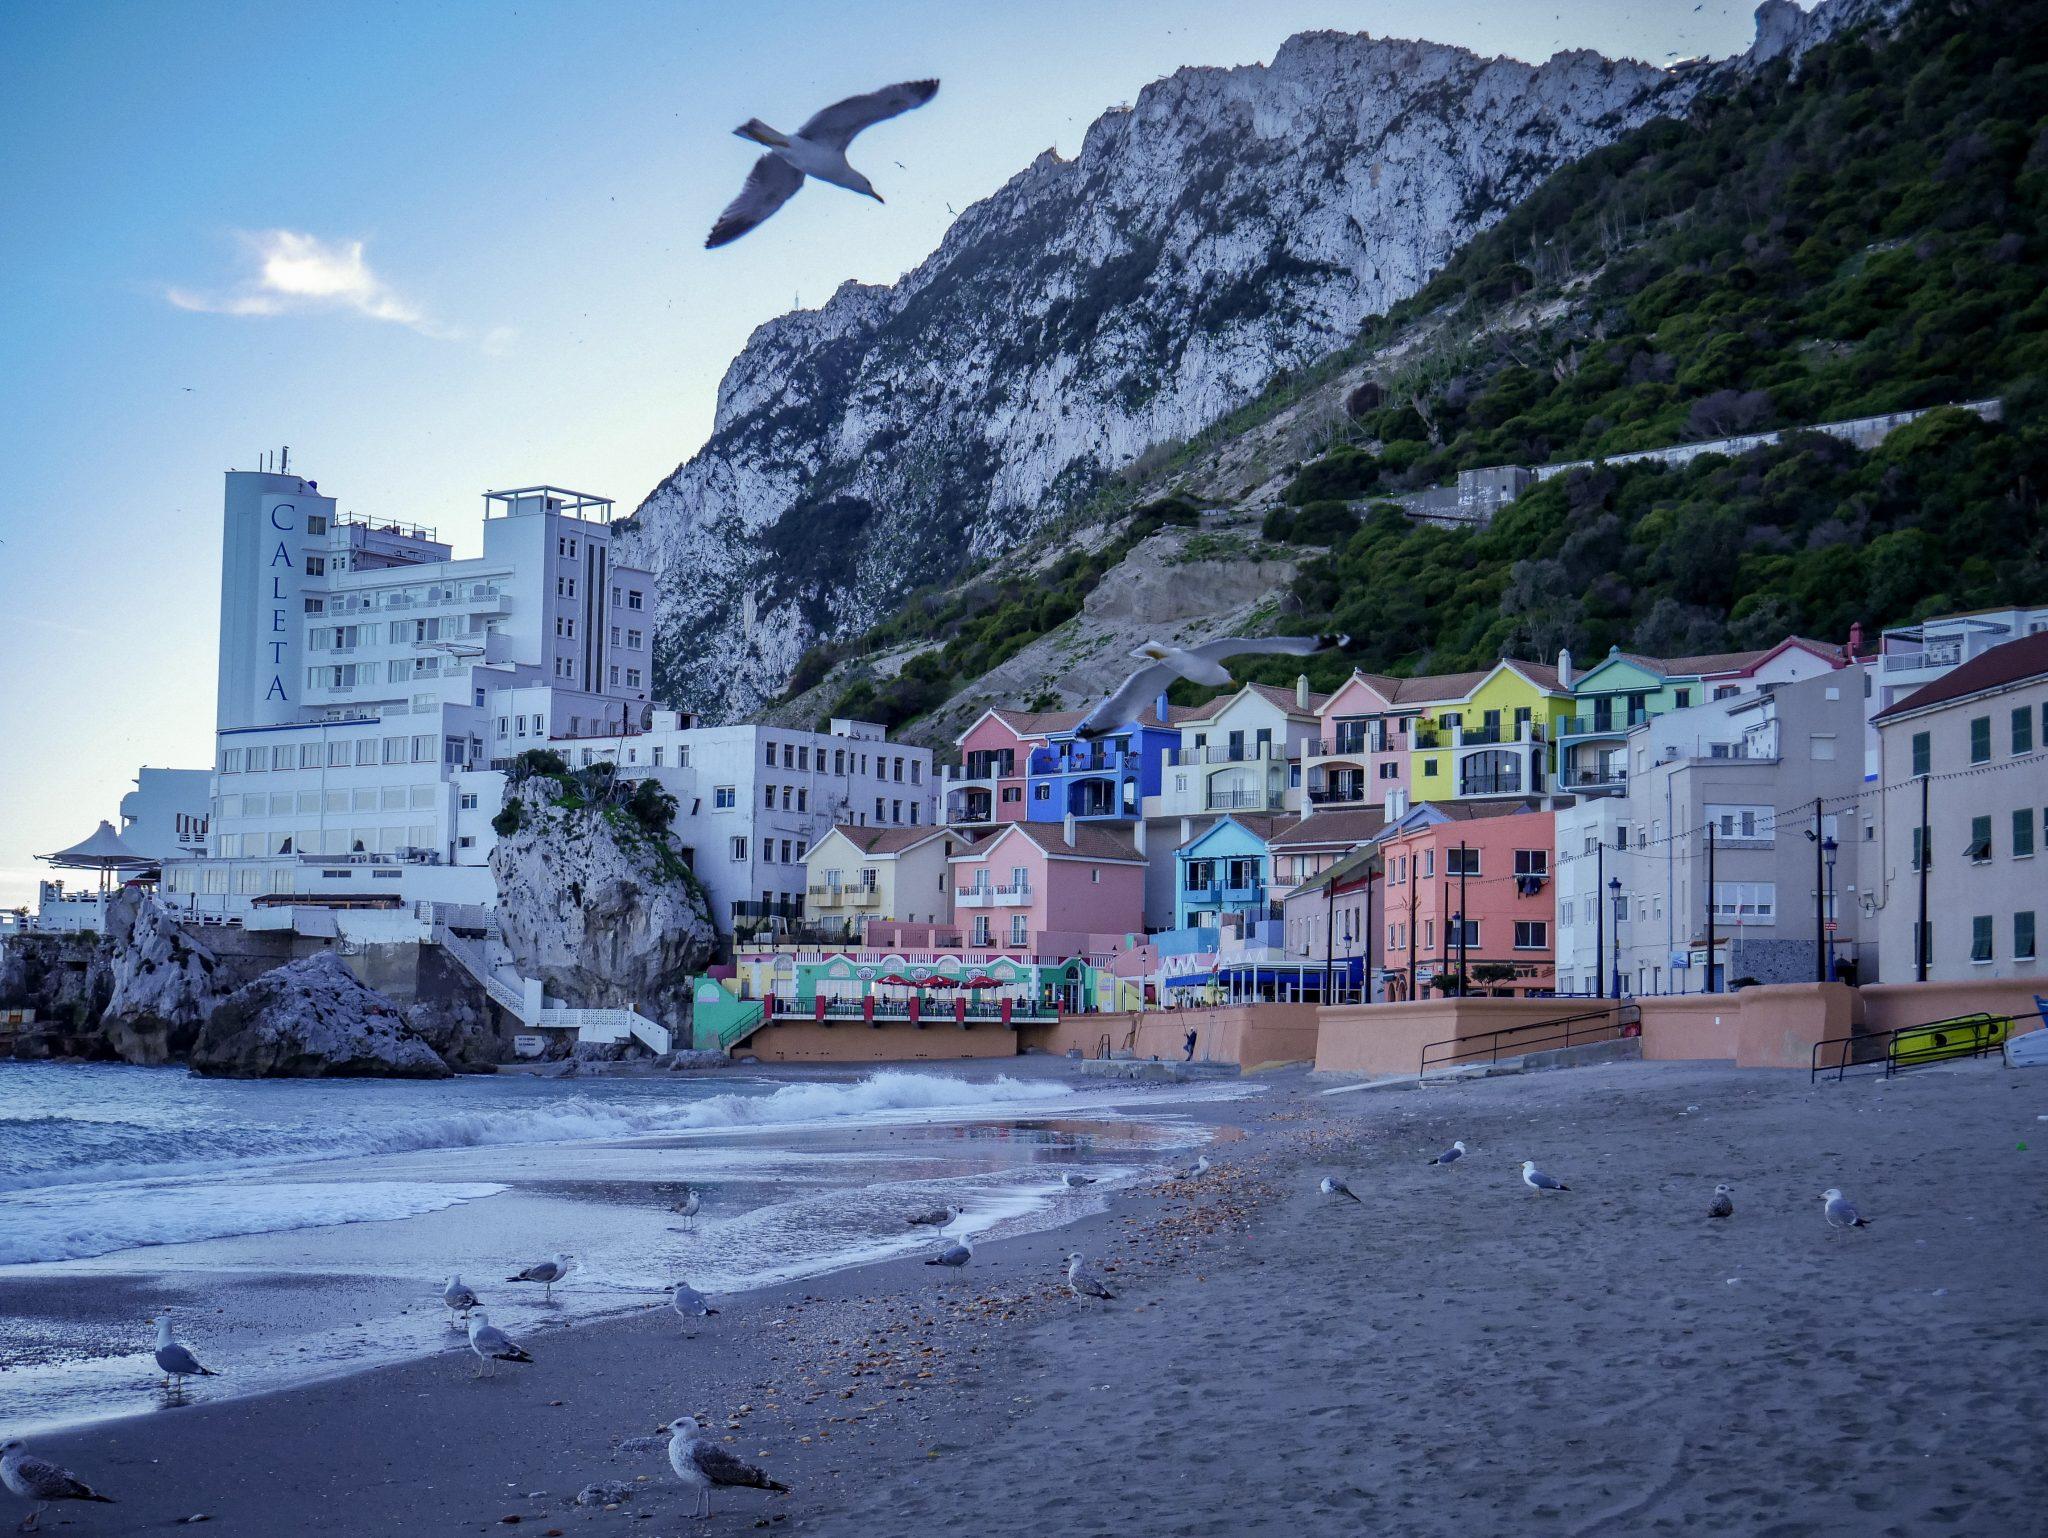 Gönn dir auch mal eine Auszeit im Sommer am Strand in Gibraltar, einfach traumhaft in meinen Augen!